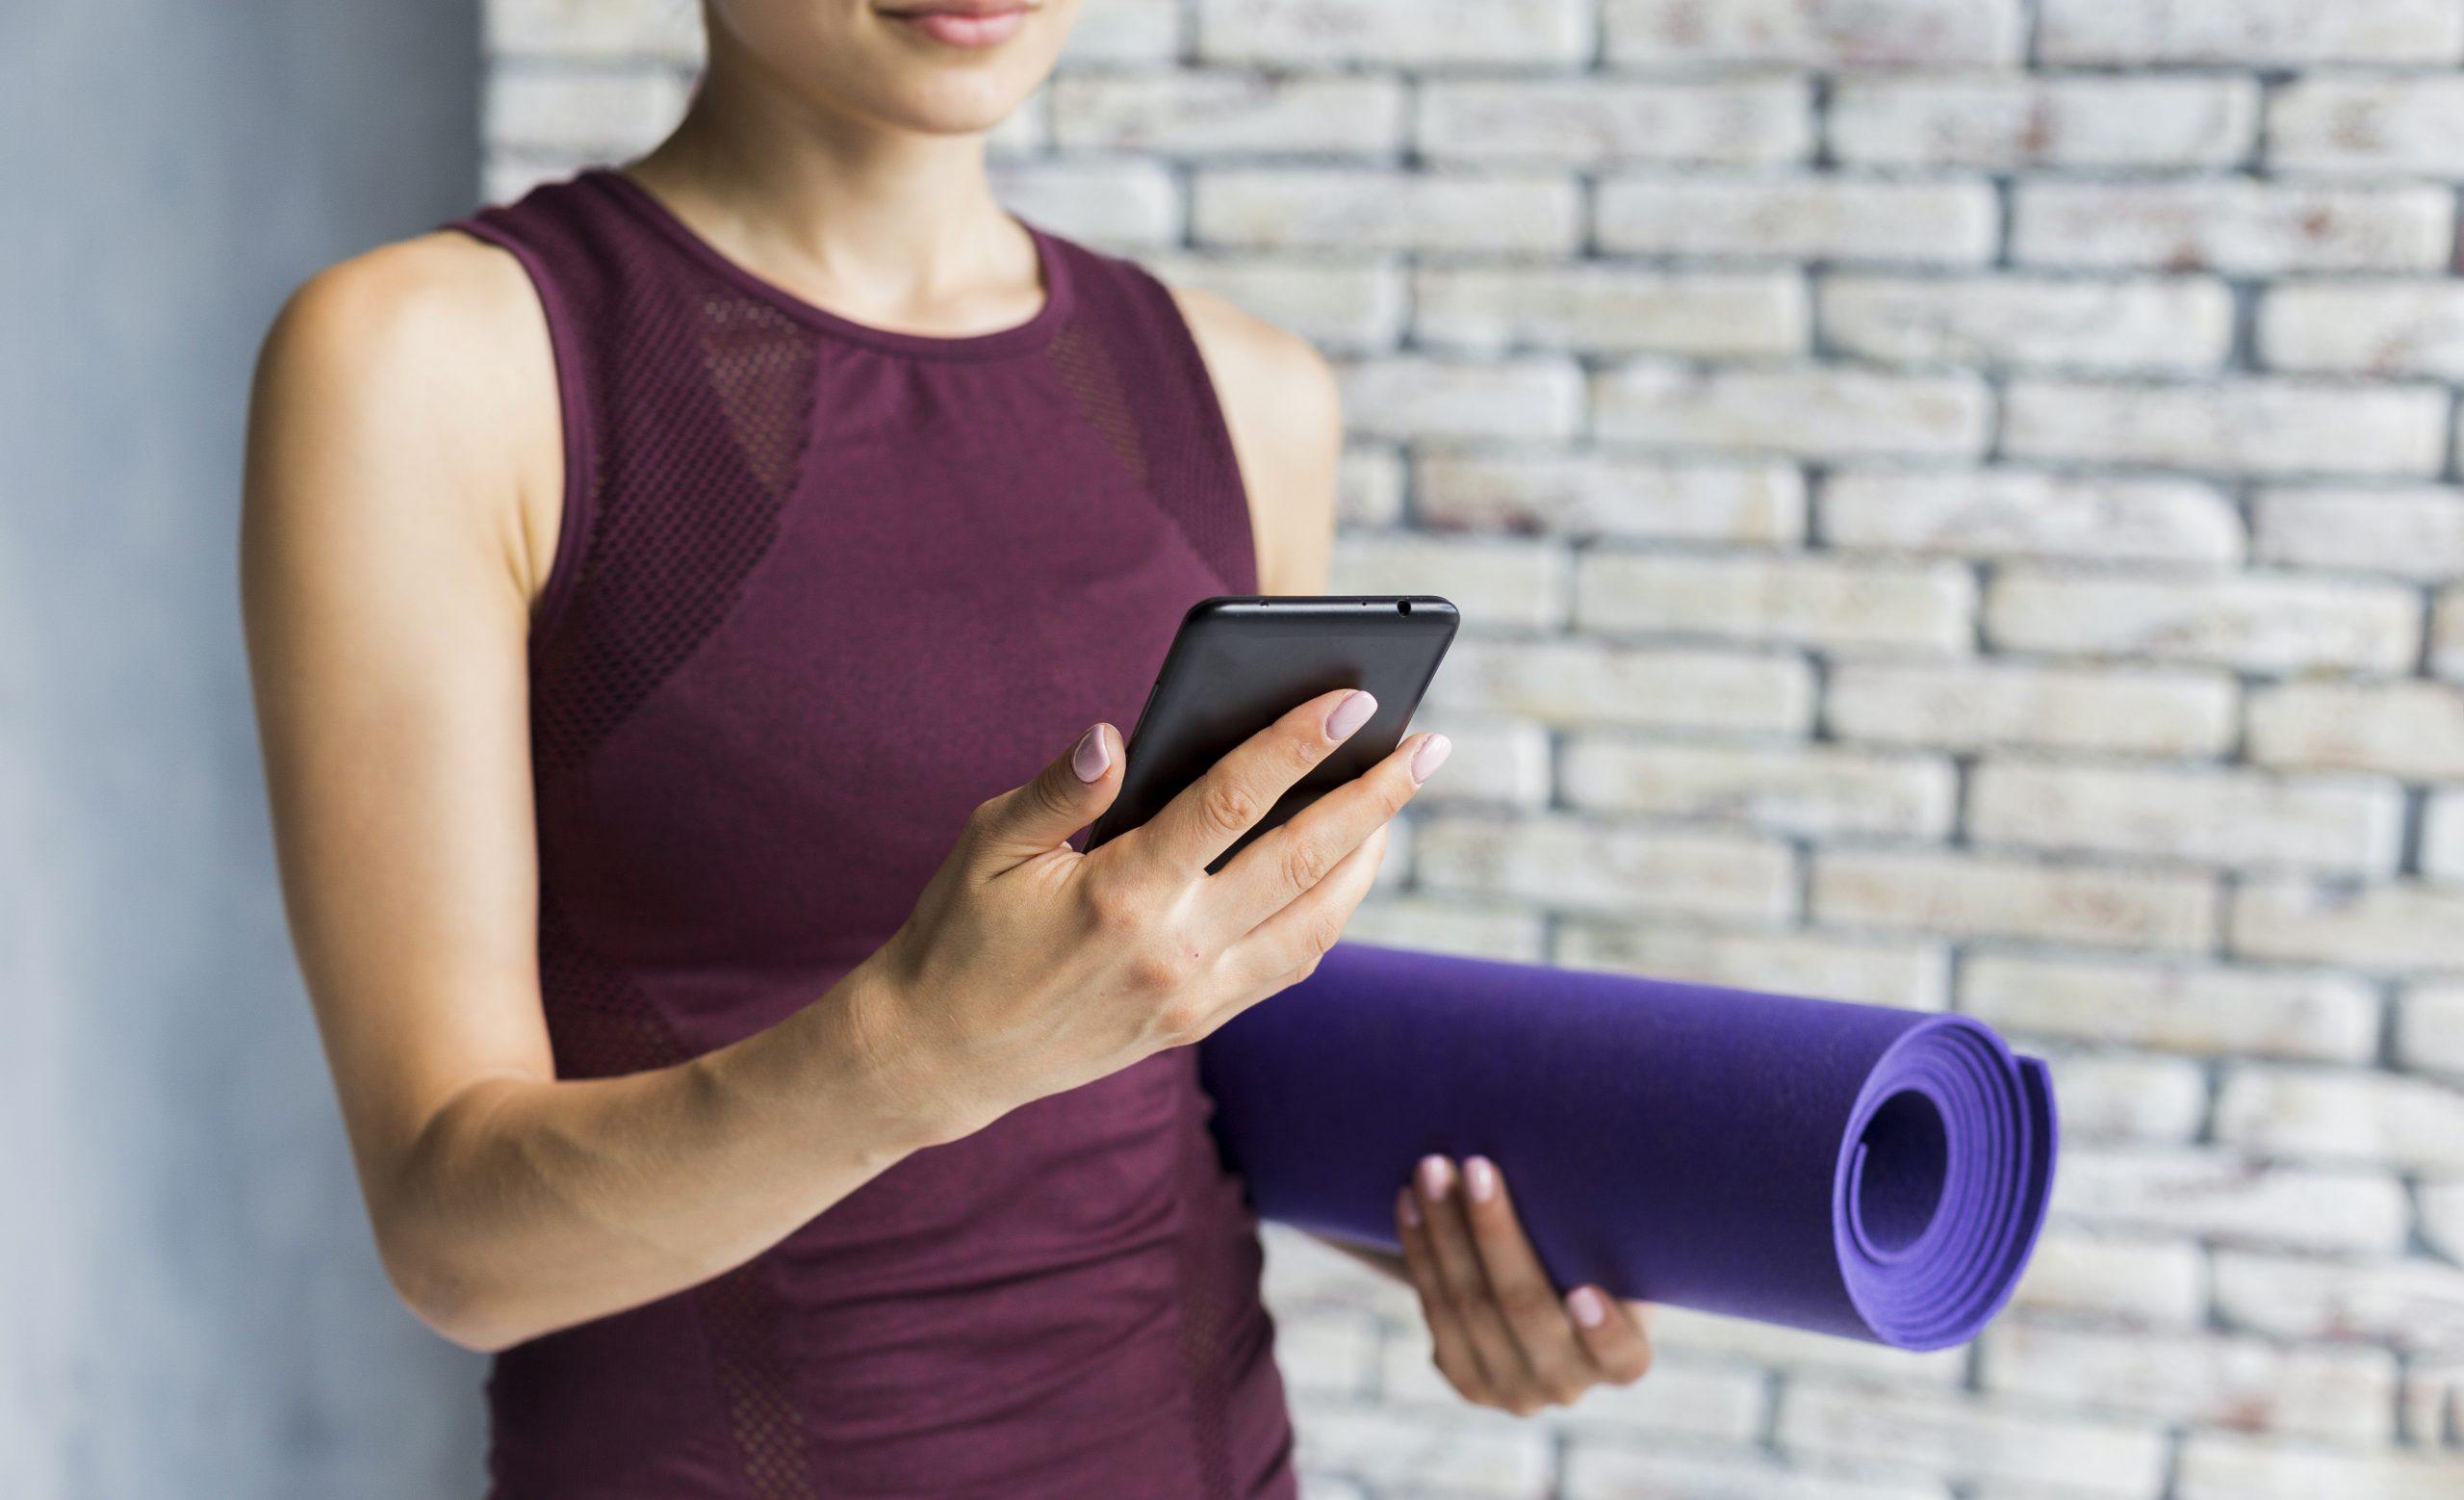 W poszukiwaniu kreatywnych sposobów na trening. Tabata i plank podbijają Instagram!